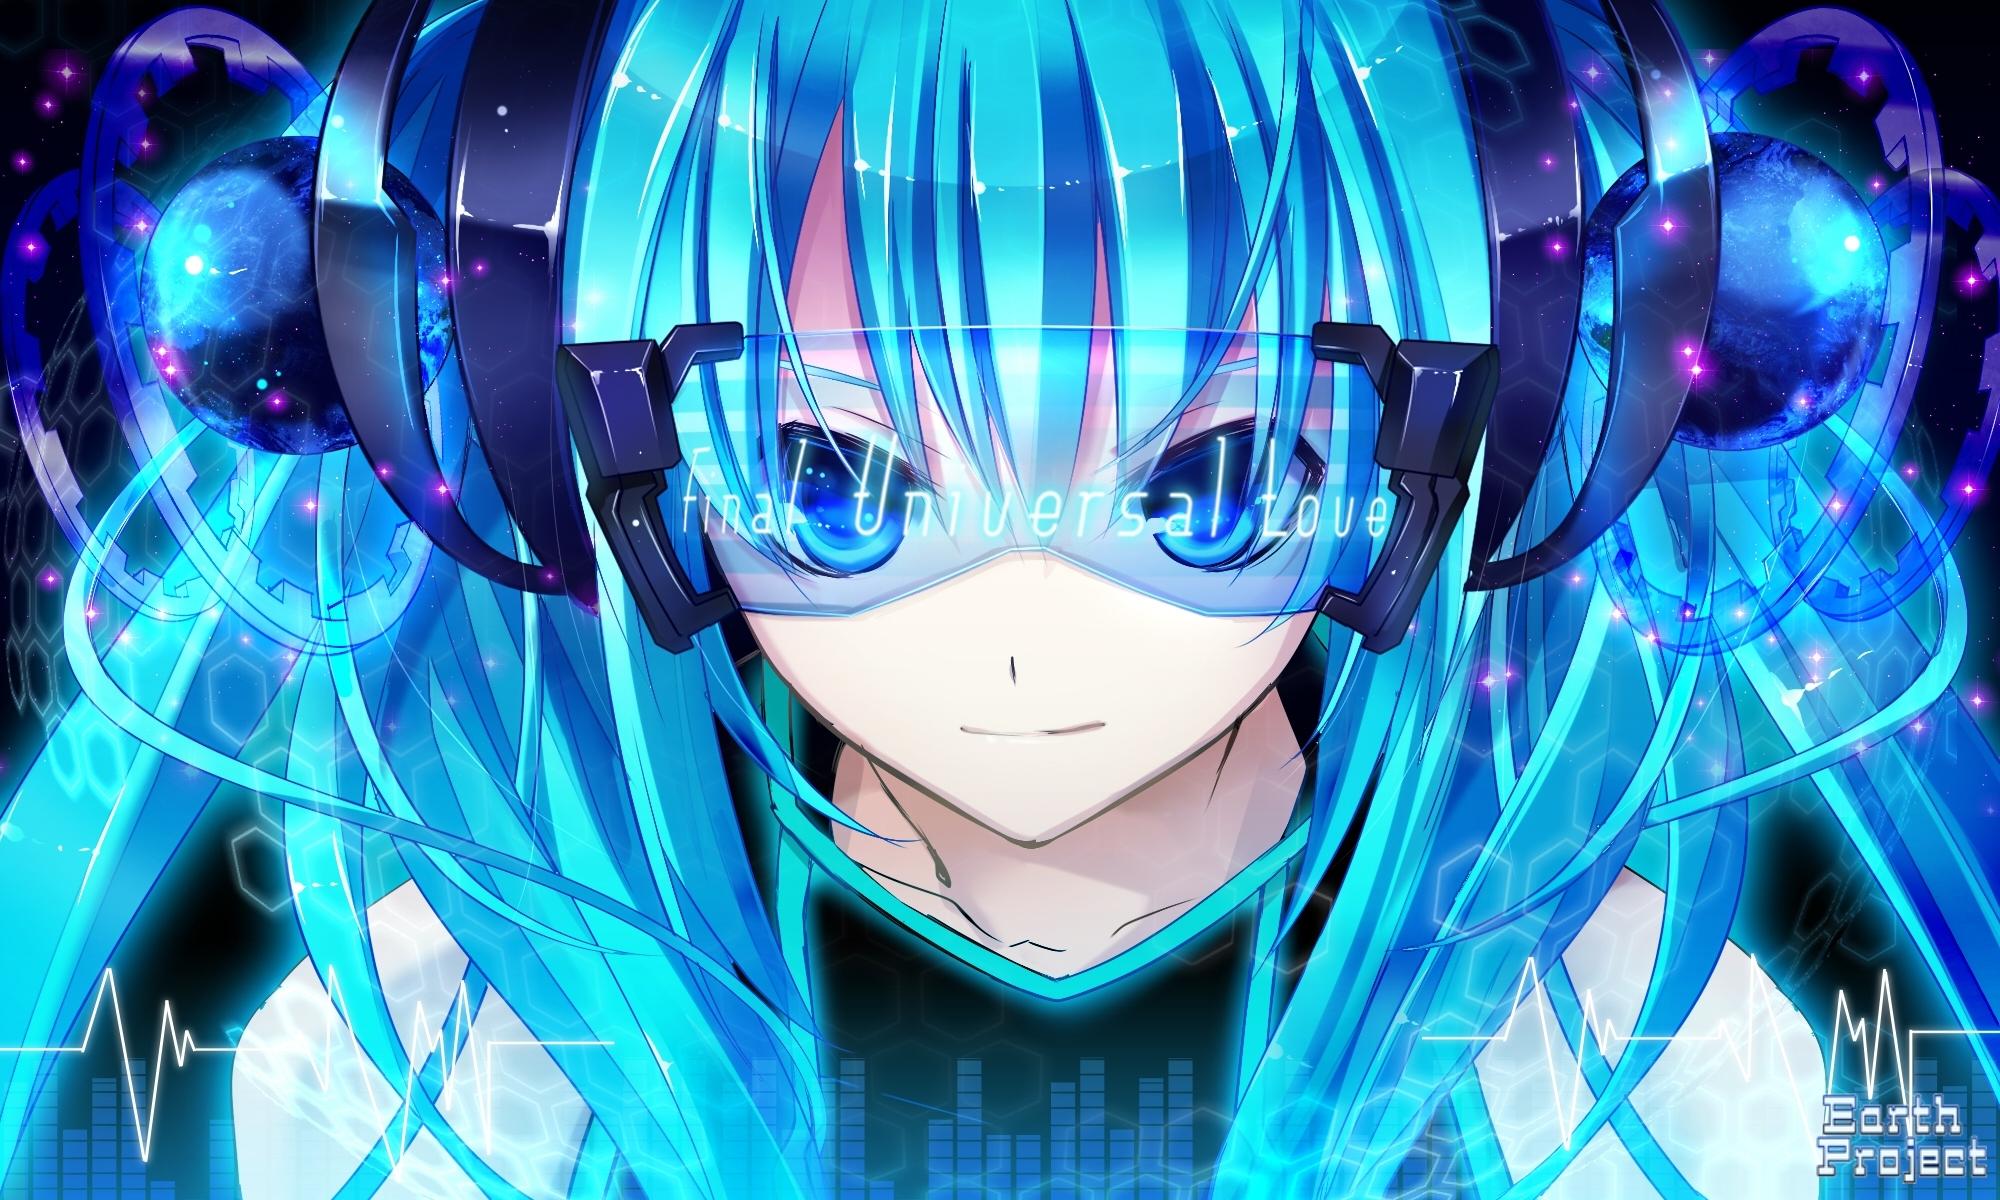 5396 hatsune miku fonds d'écran hd | arrière-plans - wallpaper abyss